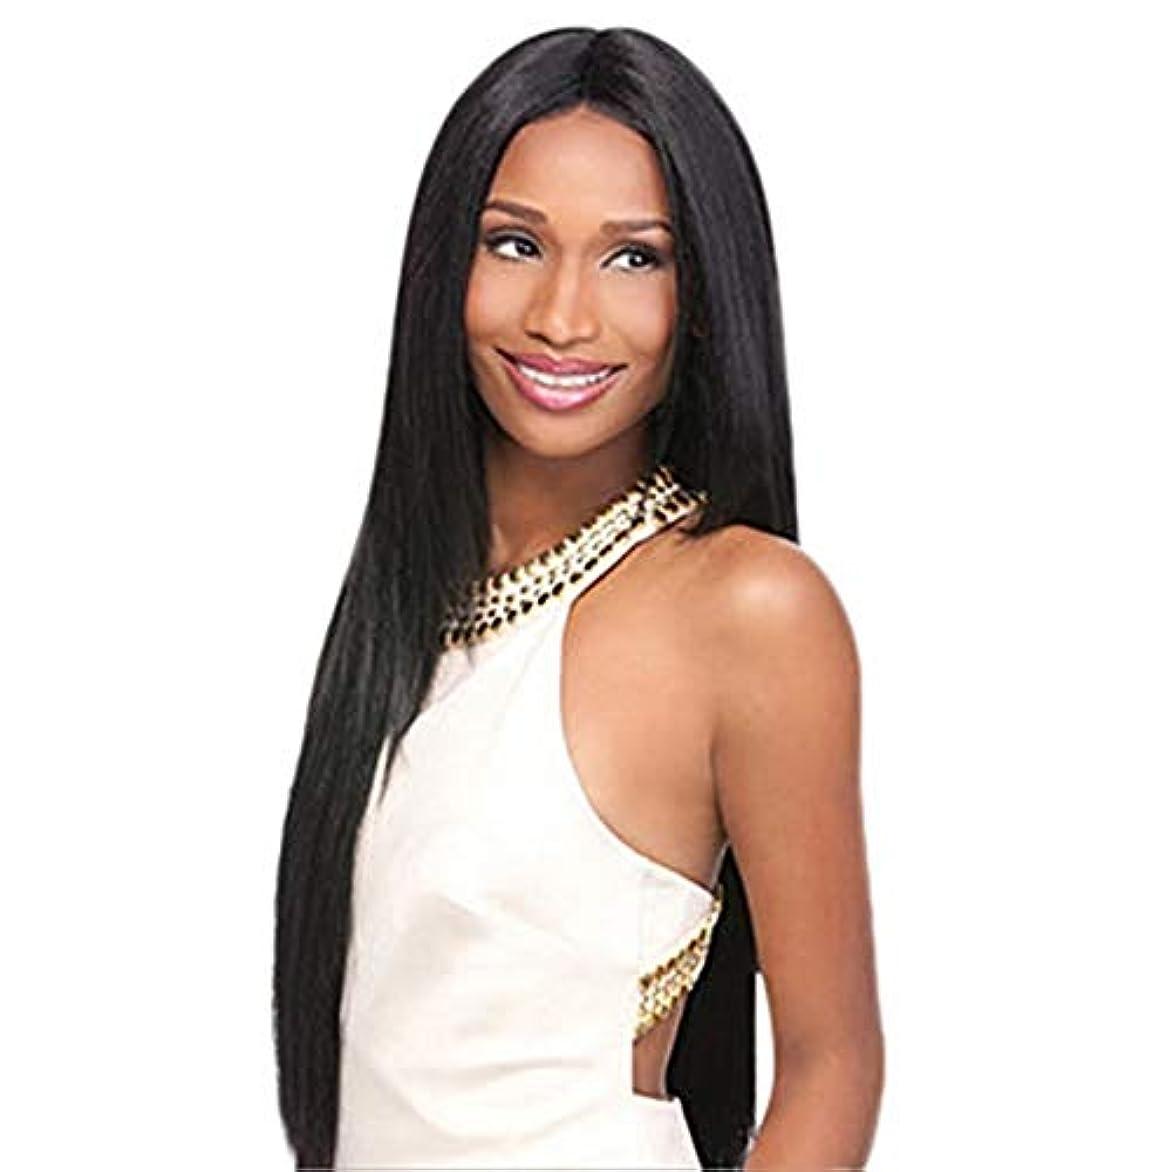 資料無駄にベギン完全なかつら80CMをしている女性の黒い長いストレートの髪のかつらの役割